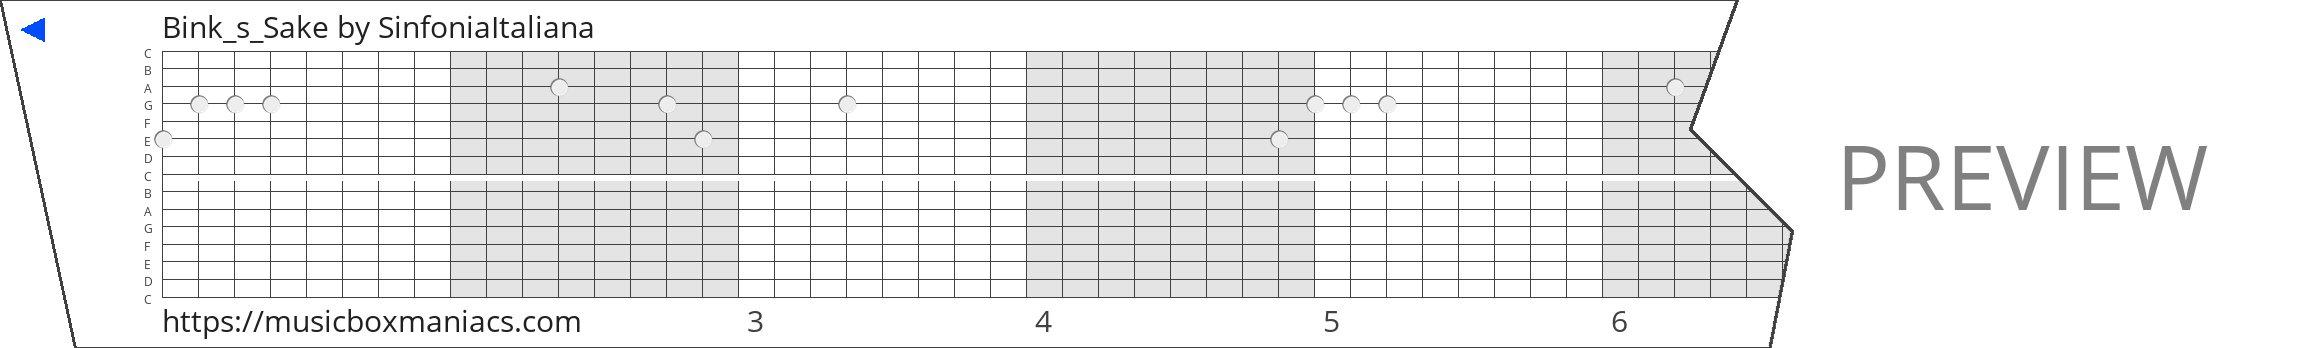 Bink_s_Sake 15 note music box paper strip